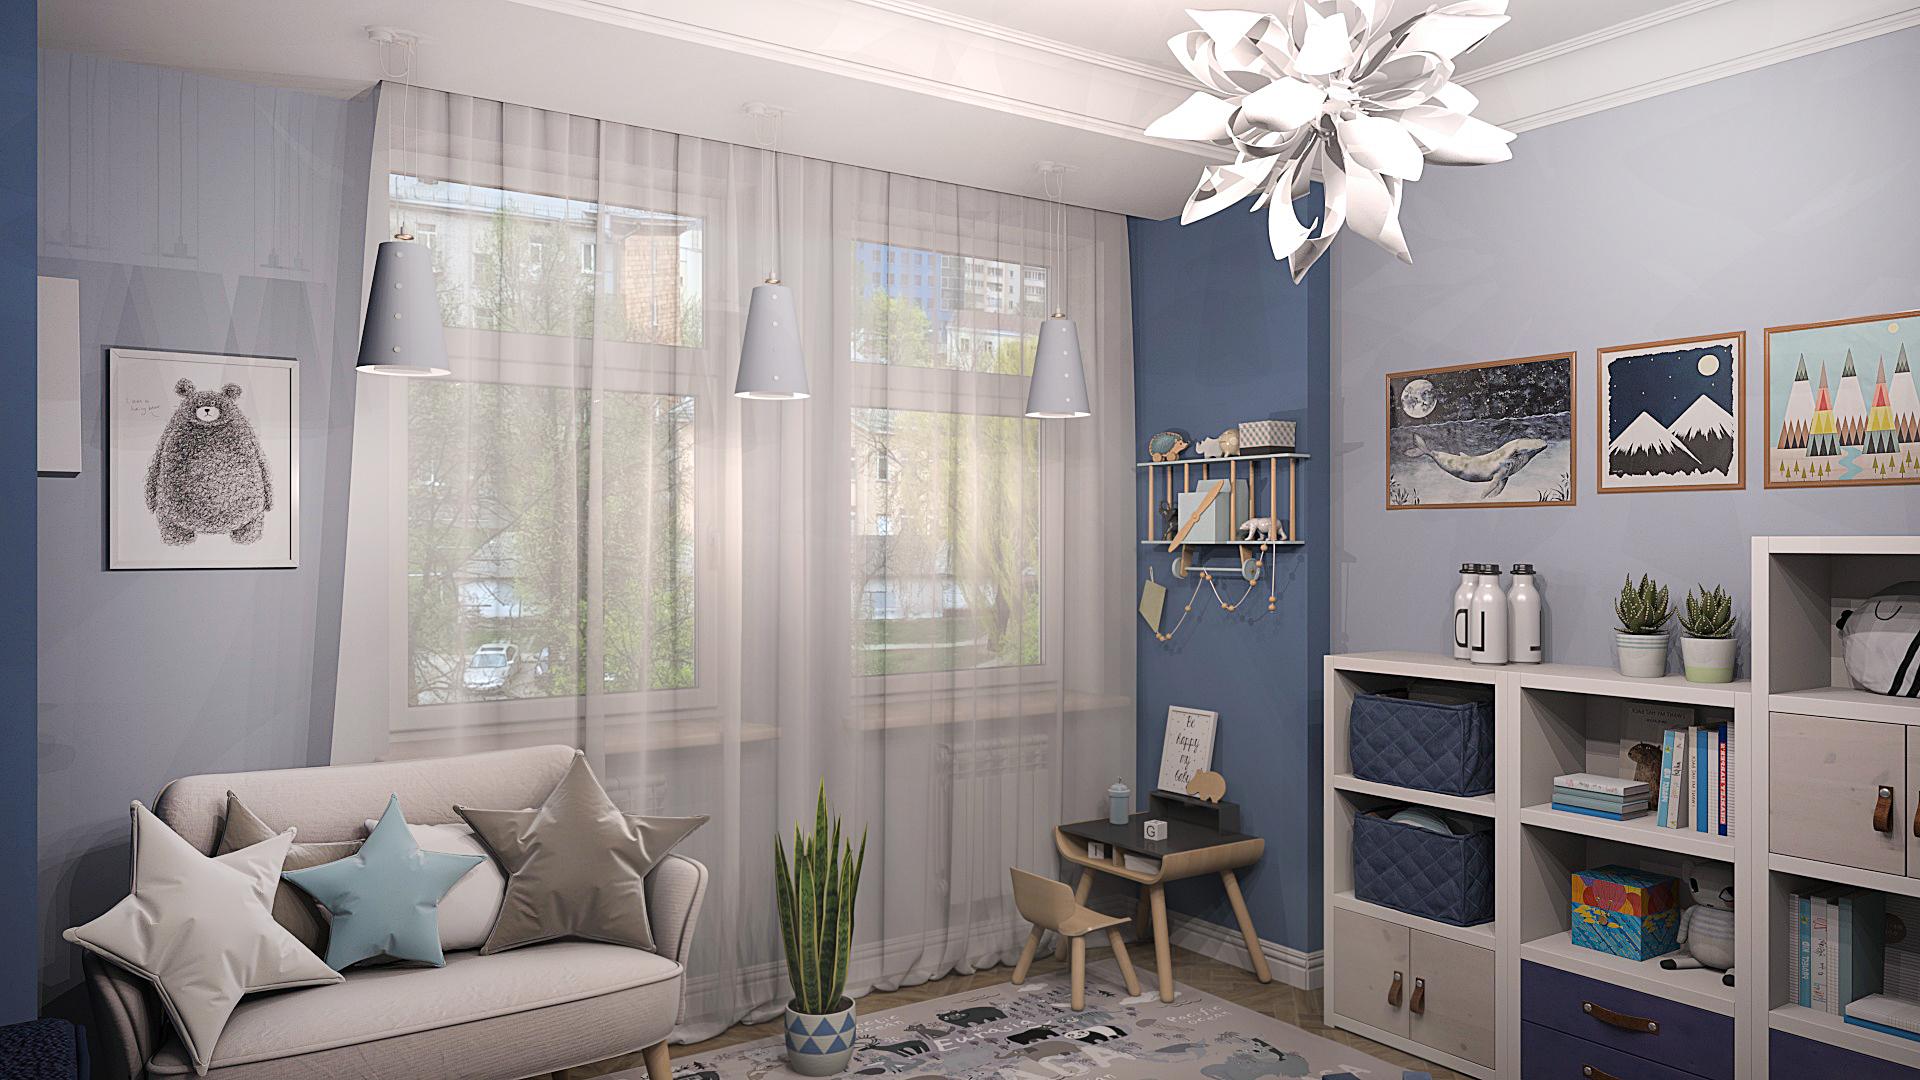 дизайн детской, детская комната в синих тонах, детская комната для мальчика, детская под ключ, интерьер детской комнаты, дизайн-проект детской